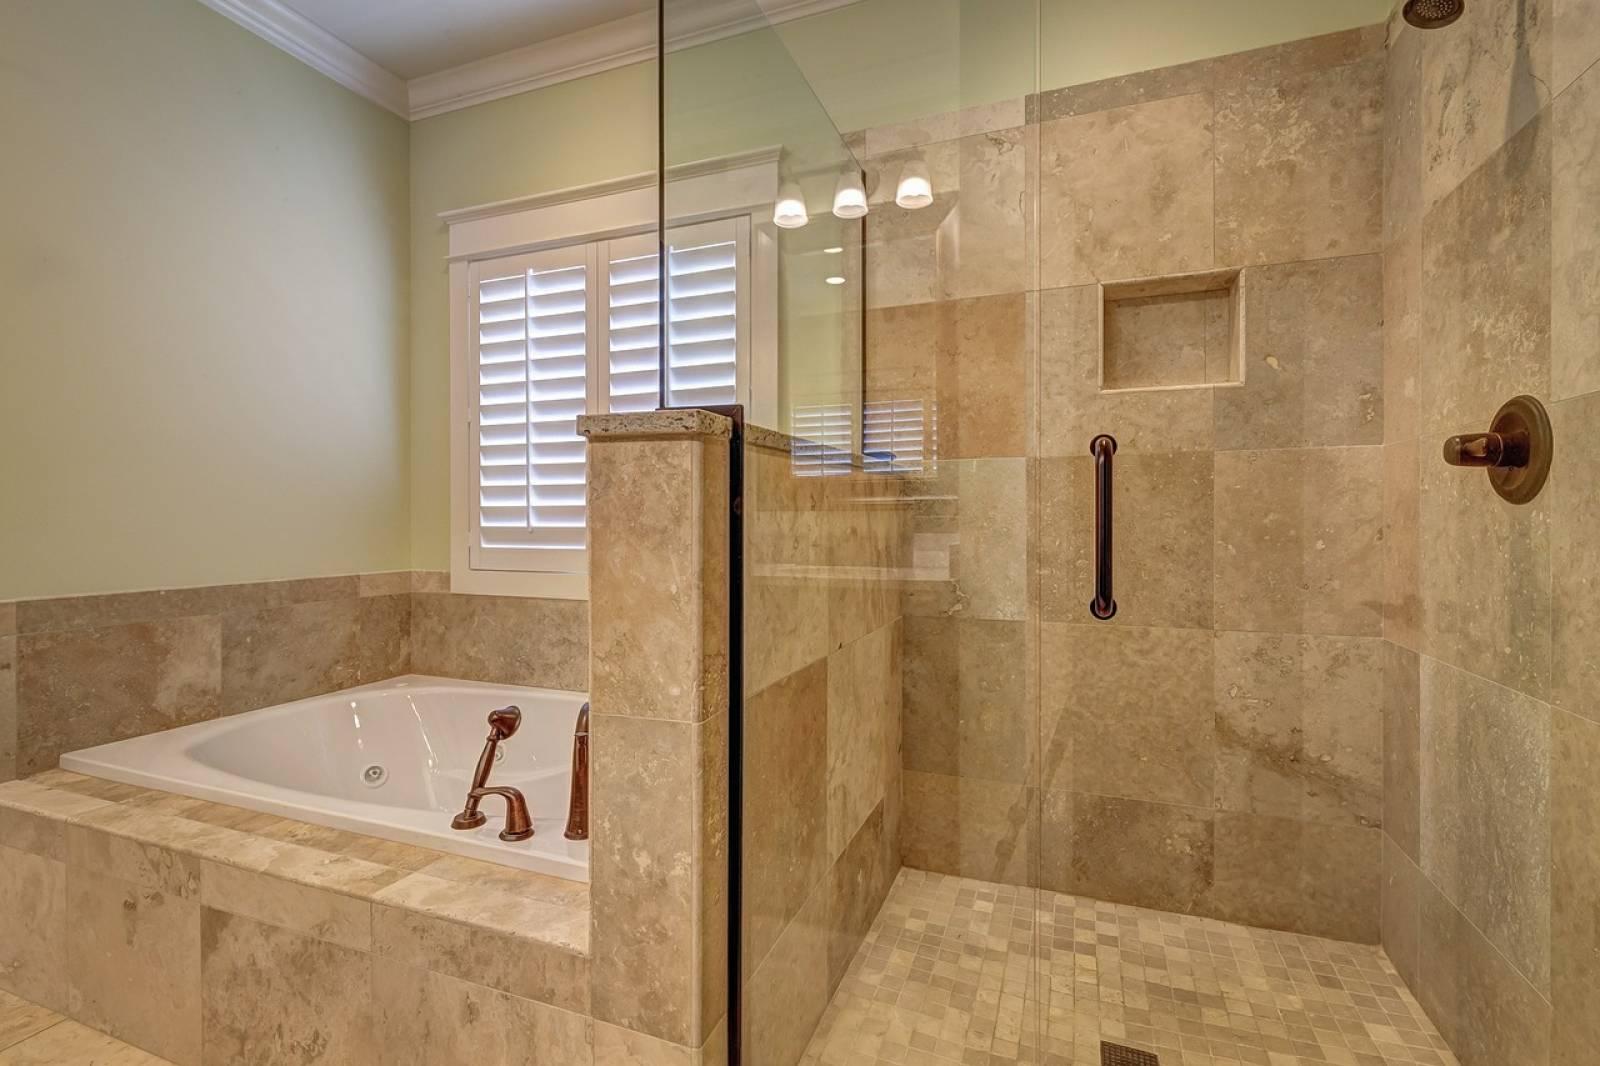 Entreprise Renovation Salle De Bain Bordeaux entreprise sérieuse pour création de salle de bain zen en